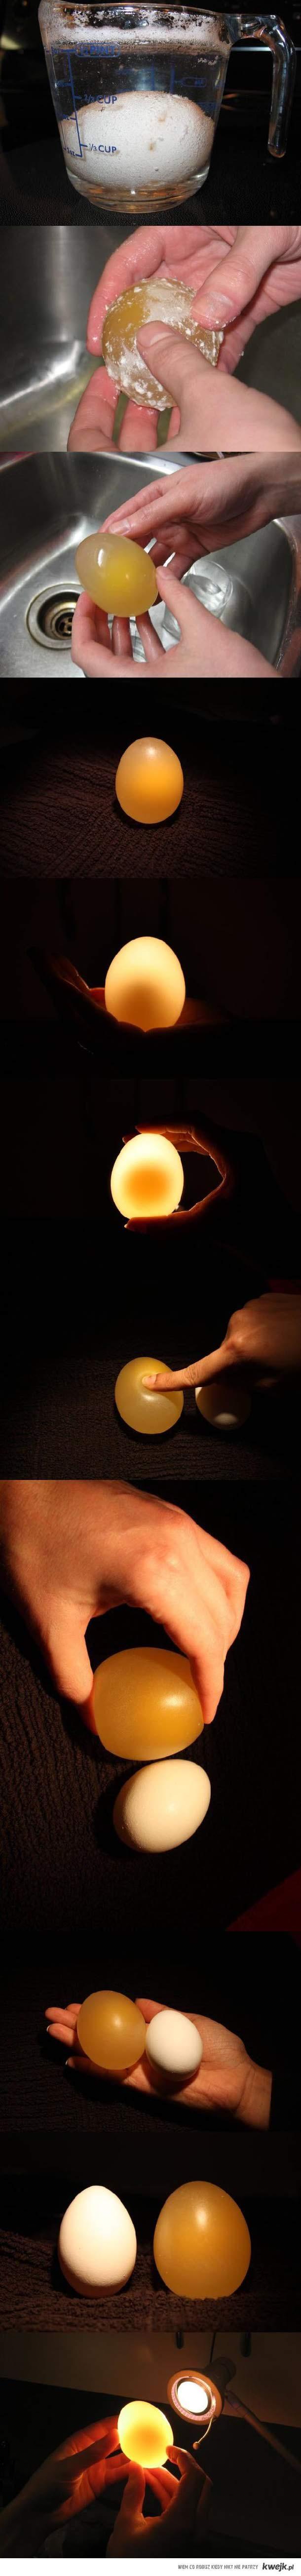 kąpiel jajka w szklance z octem